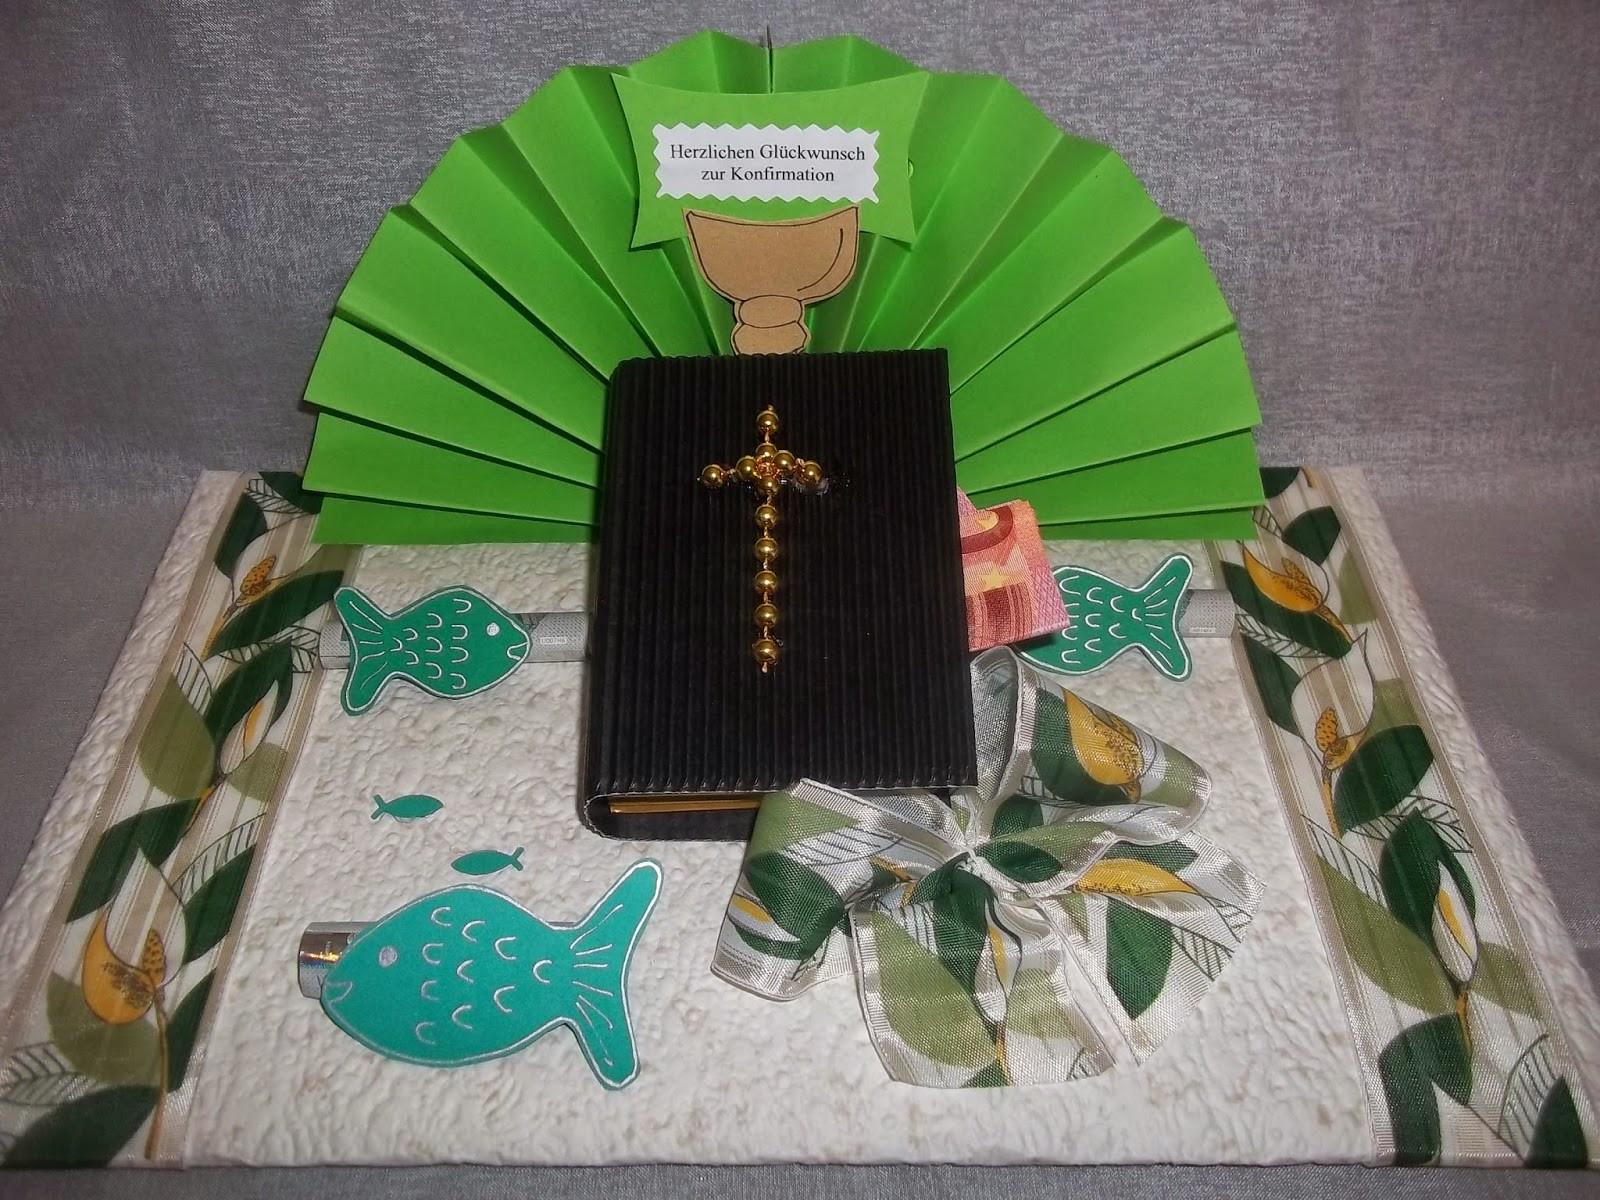 Geschenke Konfirmation  reginabastelt Zur Konfirmation Geldgeschenke und Karten